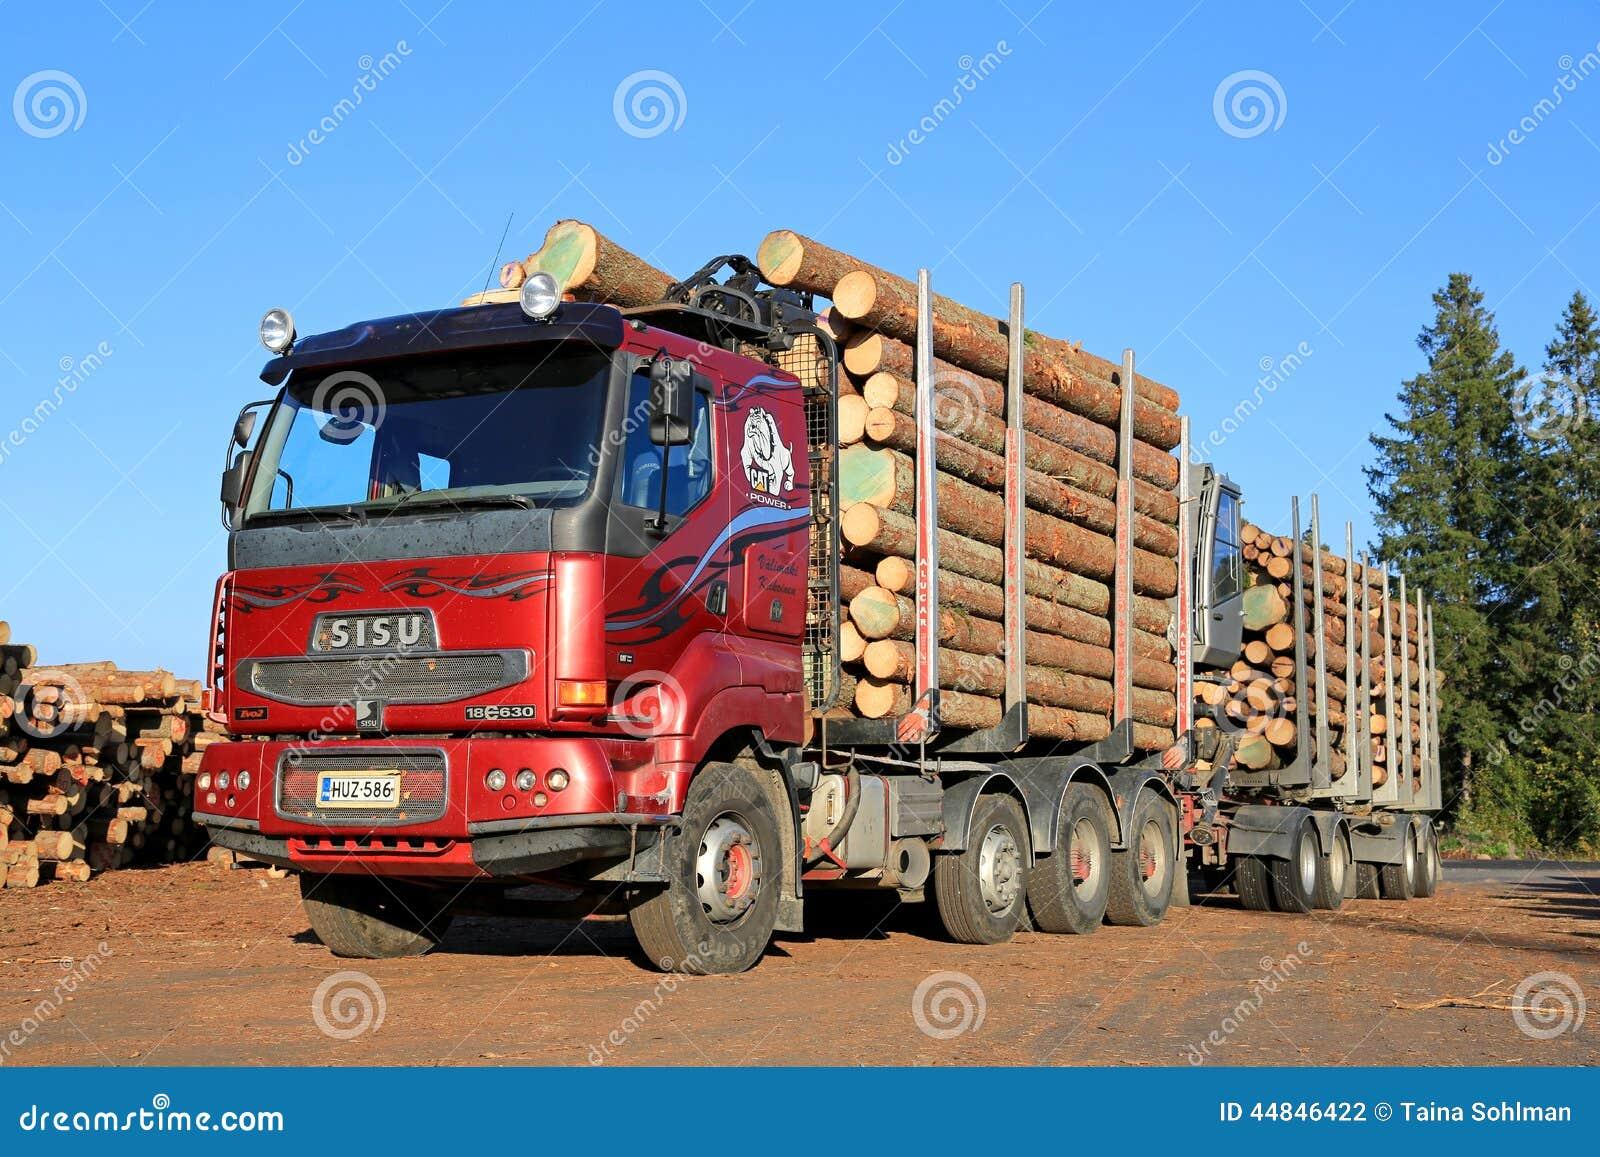 camion rouge de bois de construction de sisu 18e630 pr t d charger des rondins photographie. Black Bedroom Furniture Sets. Home Design Ideas